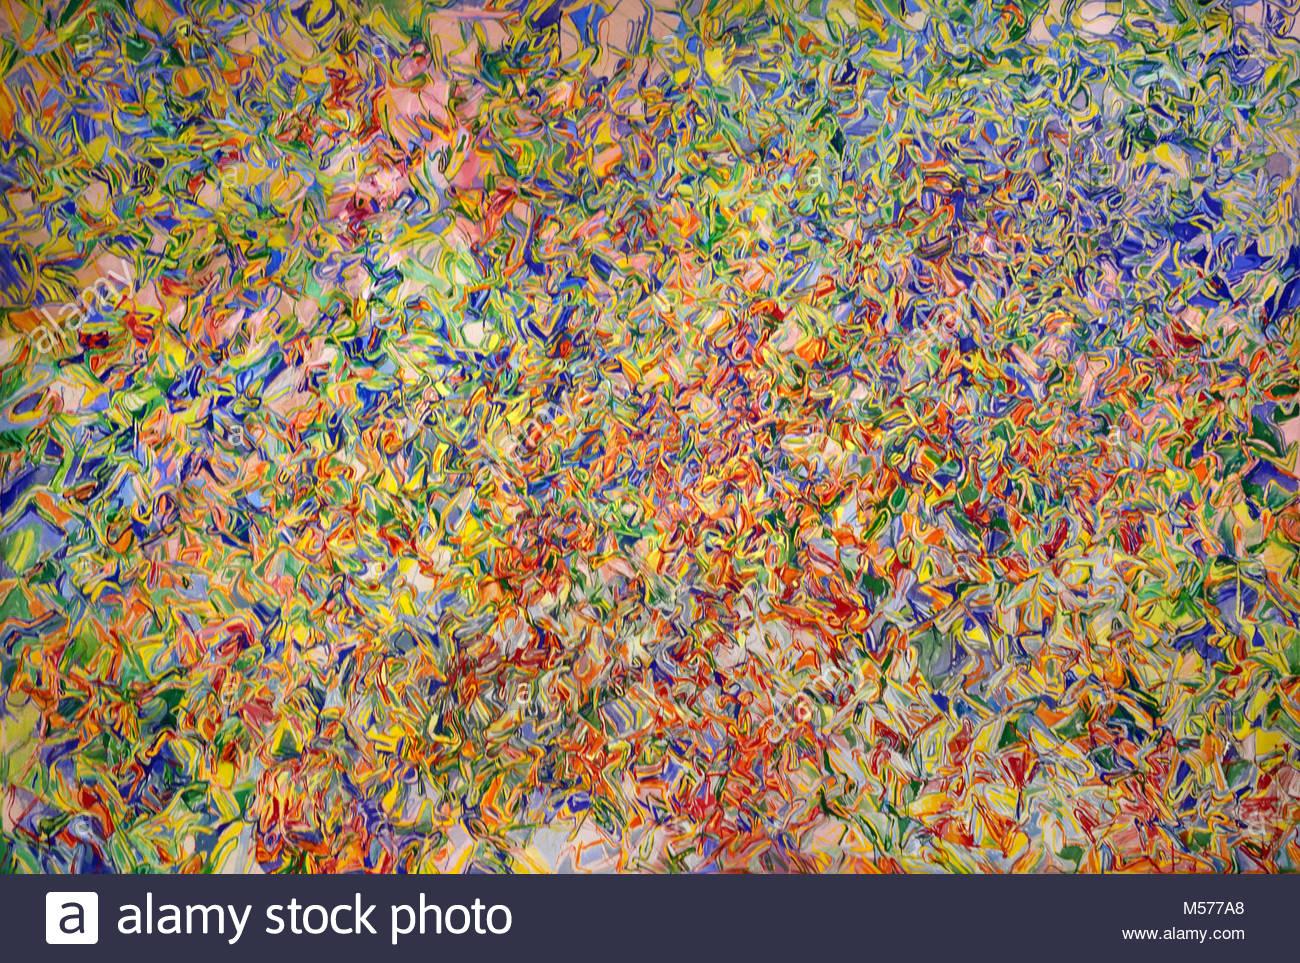 Des potirons, Miquel Barceló, Felanitx, Mallorca, 1957, Mixed technique on canvas, 200 x 300 cm, 1998 ,20th, - Stock Image